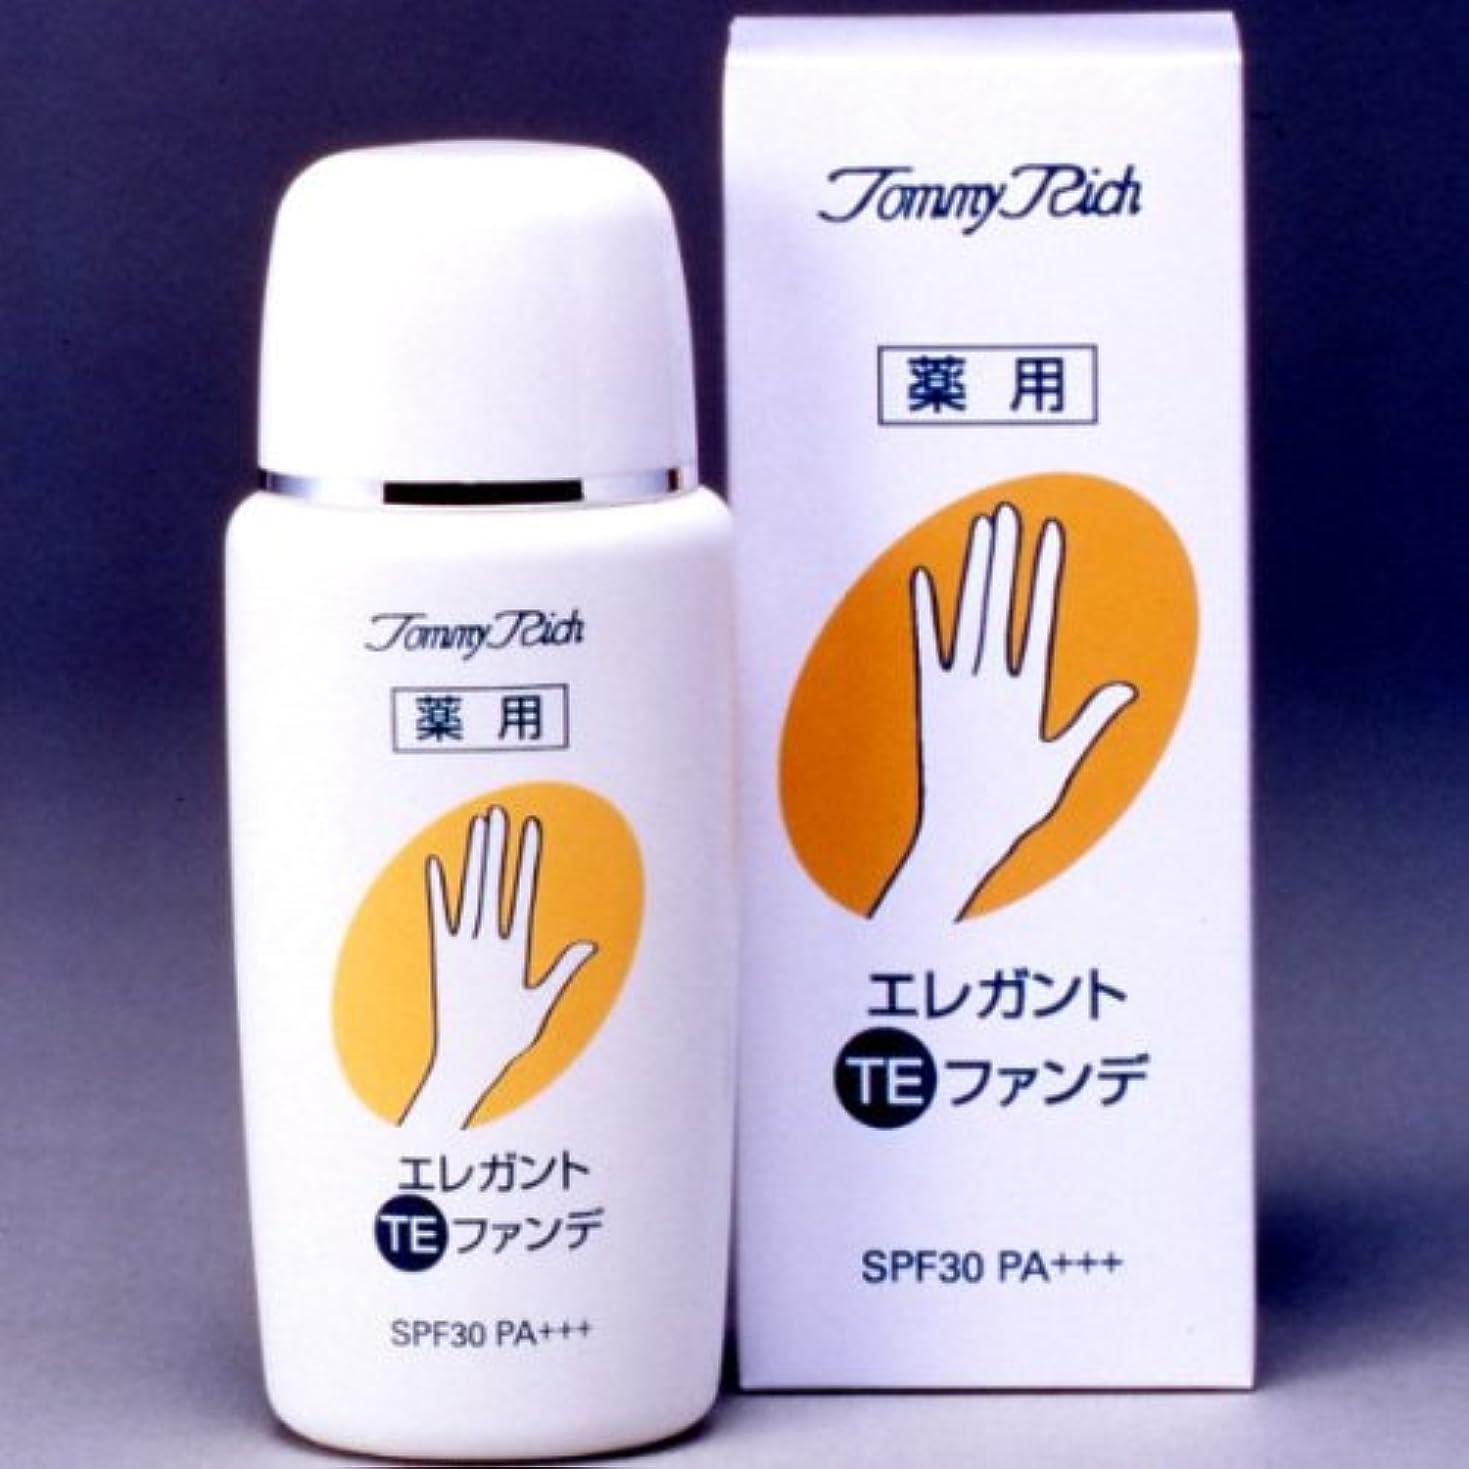 苦感動するロマンス手や腕のシミや老班をカバーして、白く清潔で美しい手になる!!『薬用エレガントTEファンデ 』